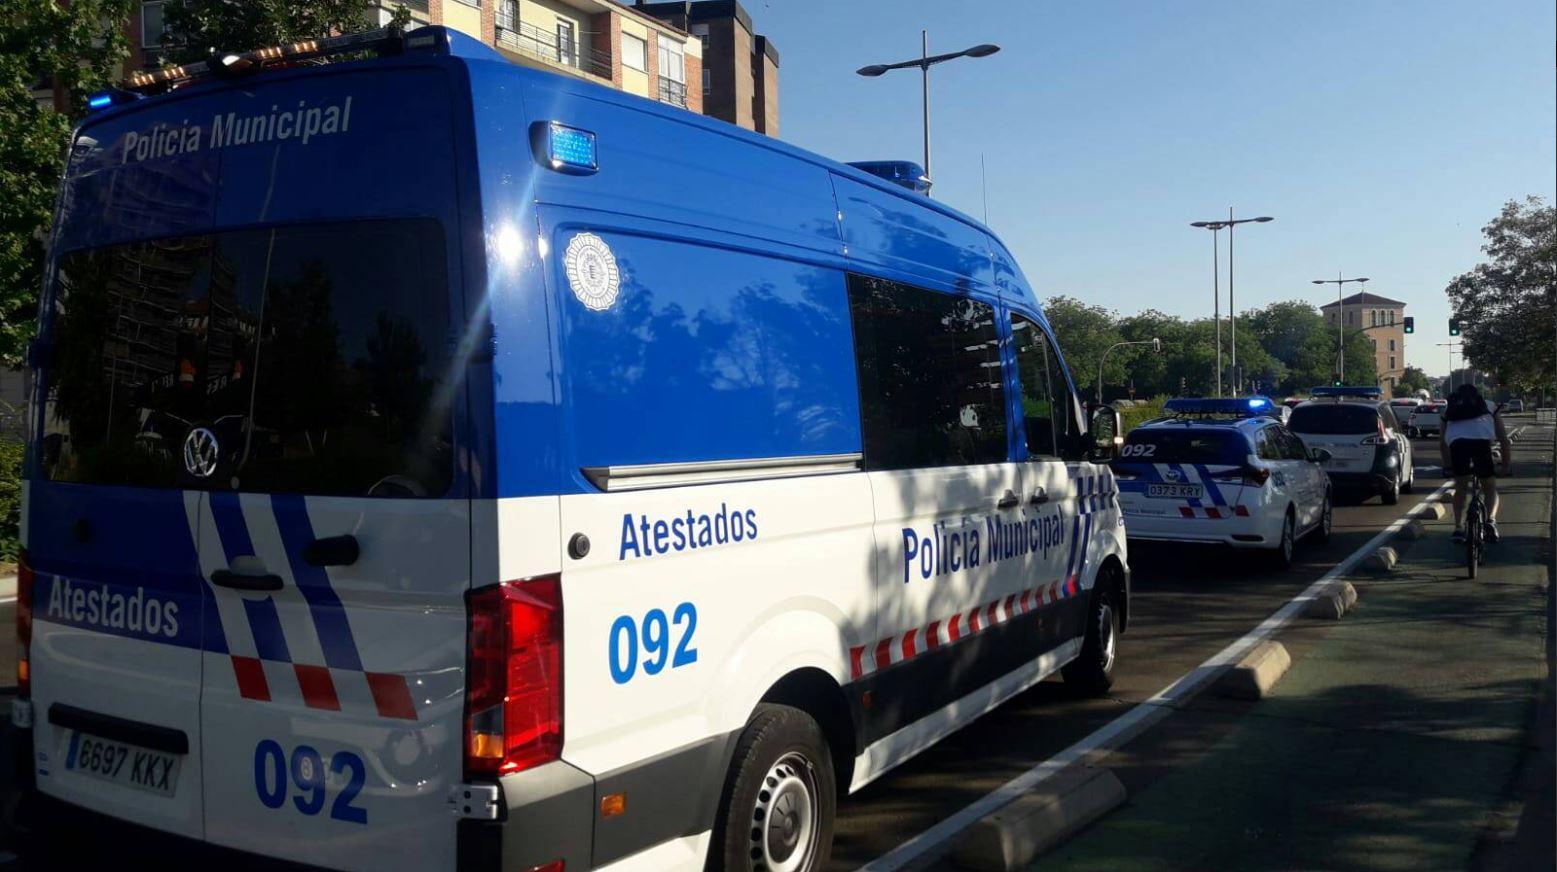 Policía Local Valladolid atestados